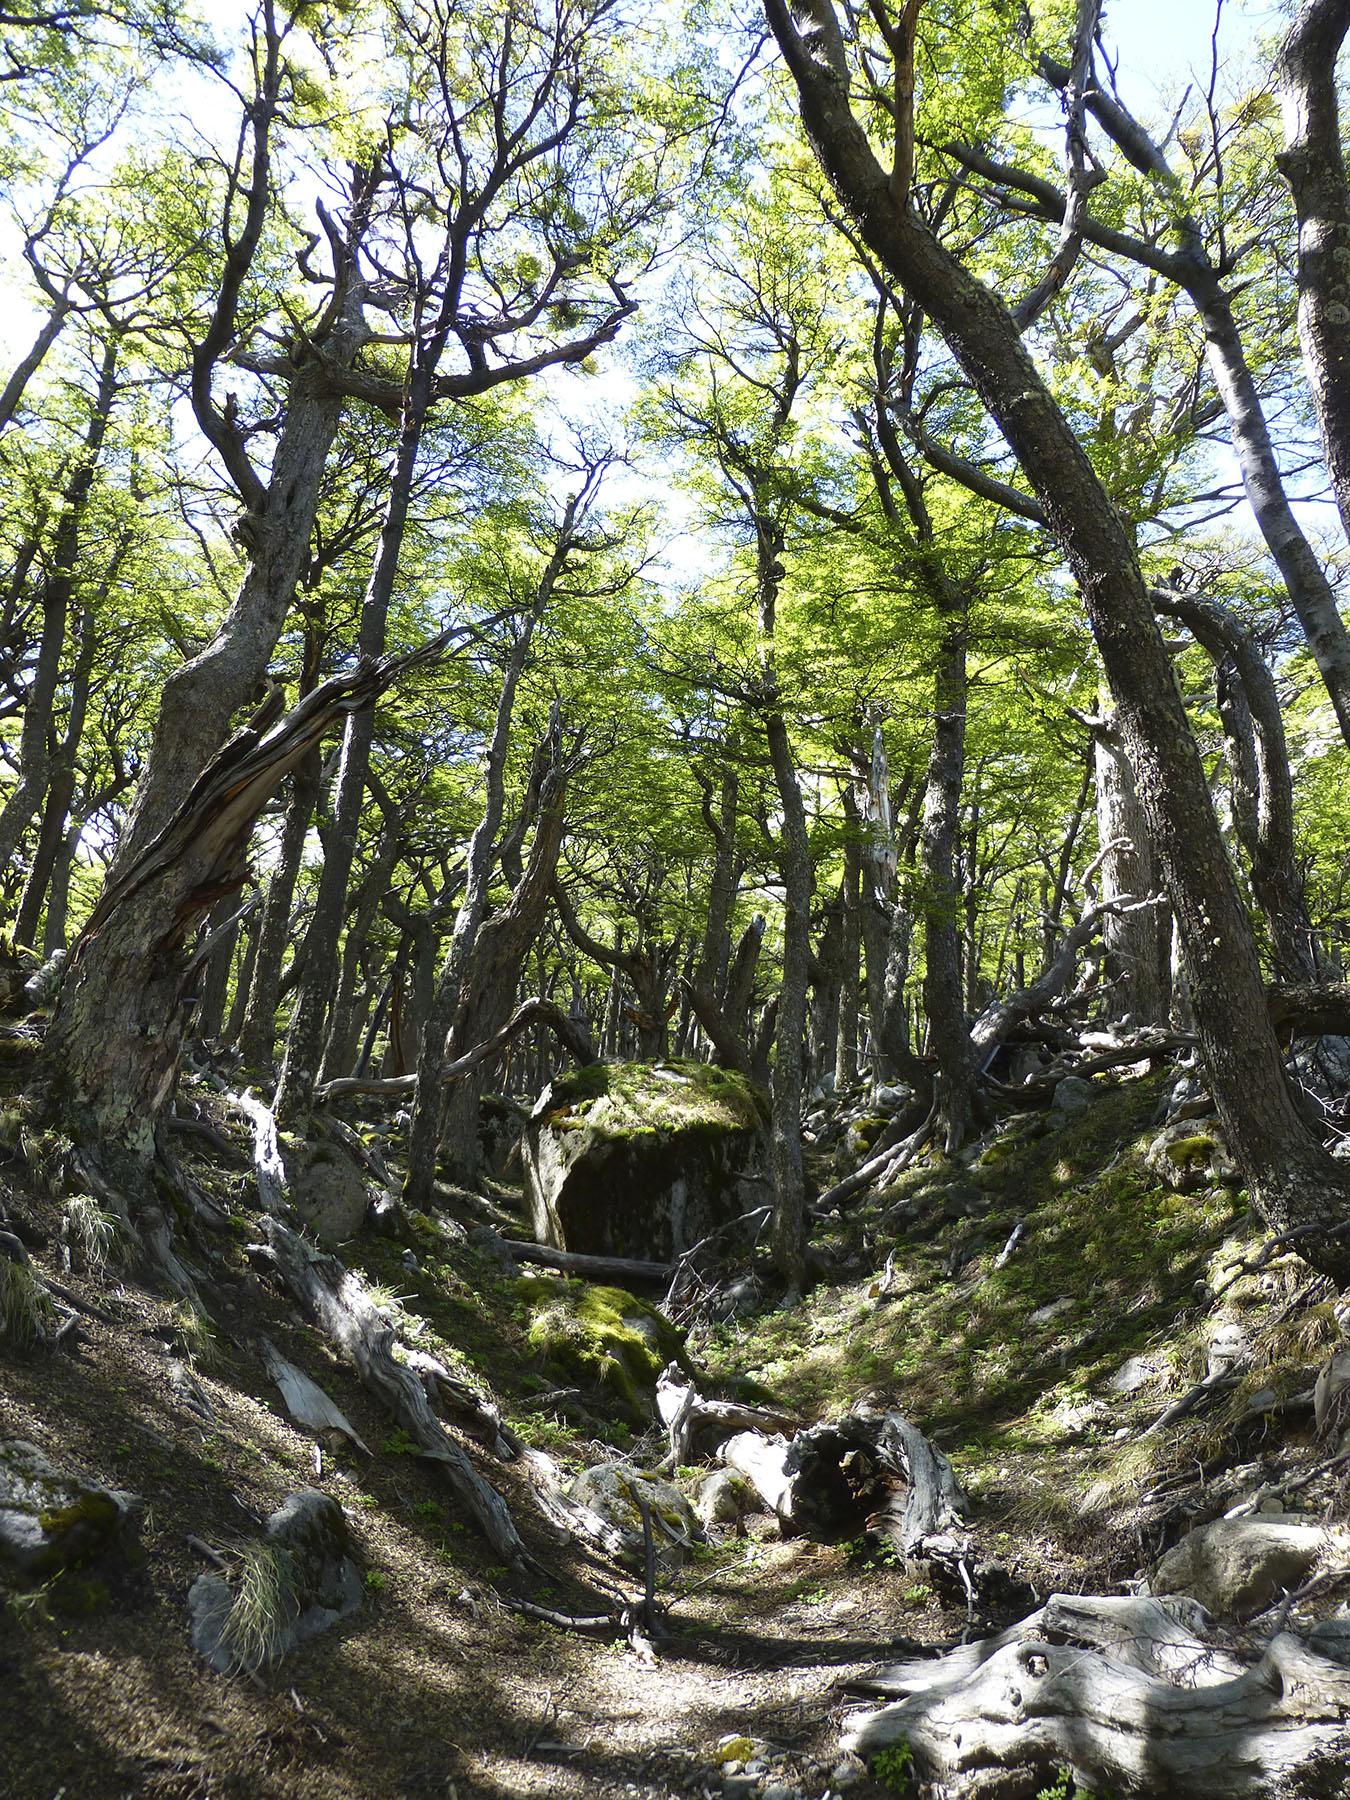 Undulating Forest Floor